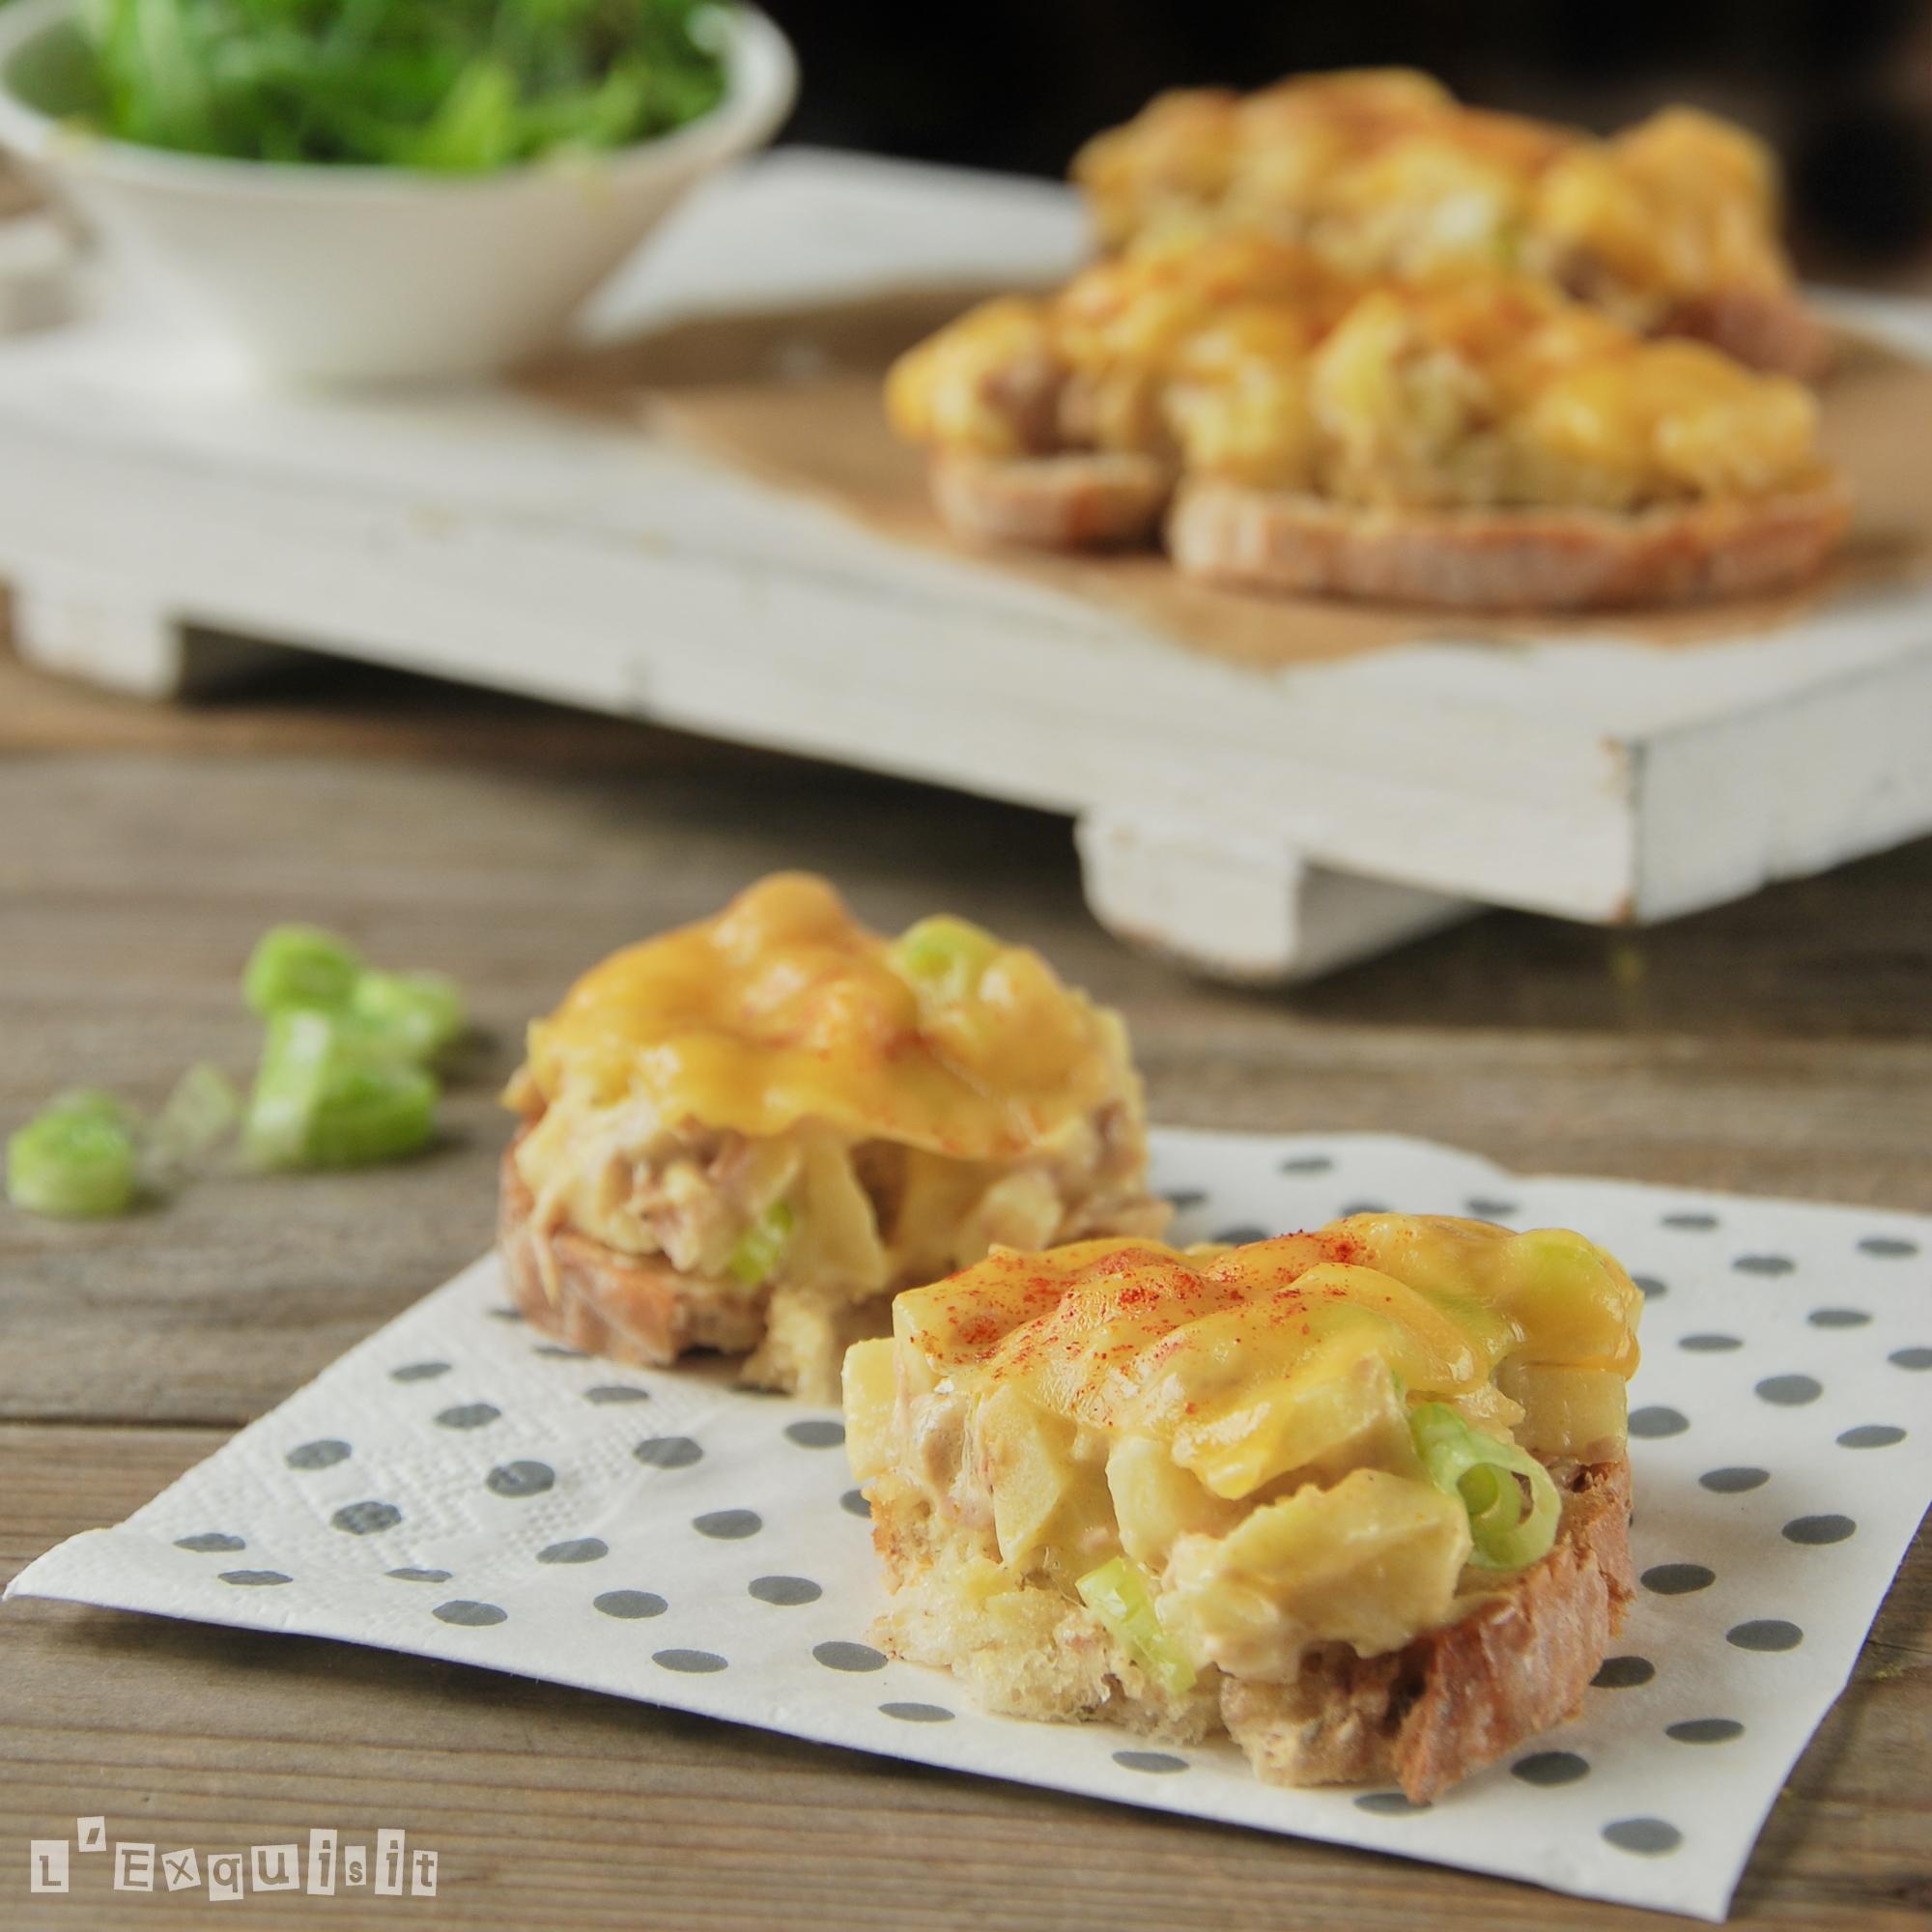 Tostada caliente de atún, manzana y queso